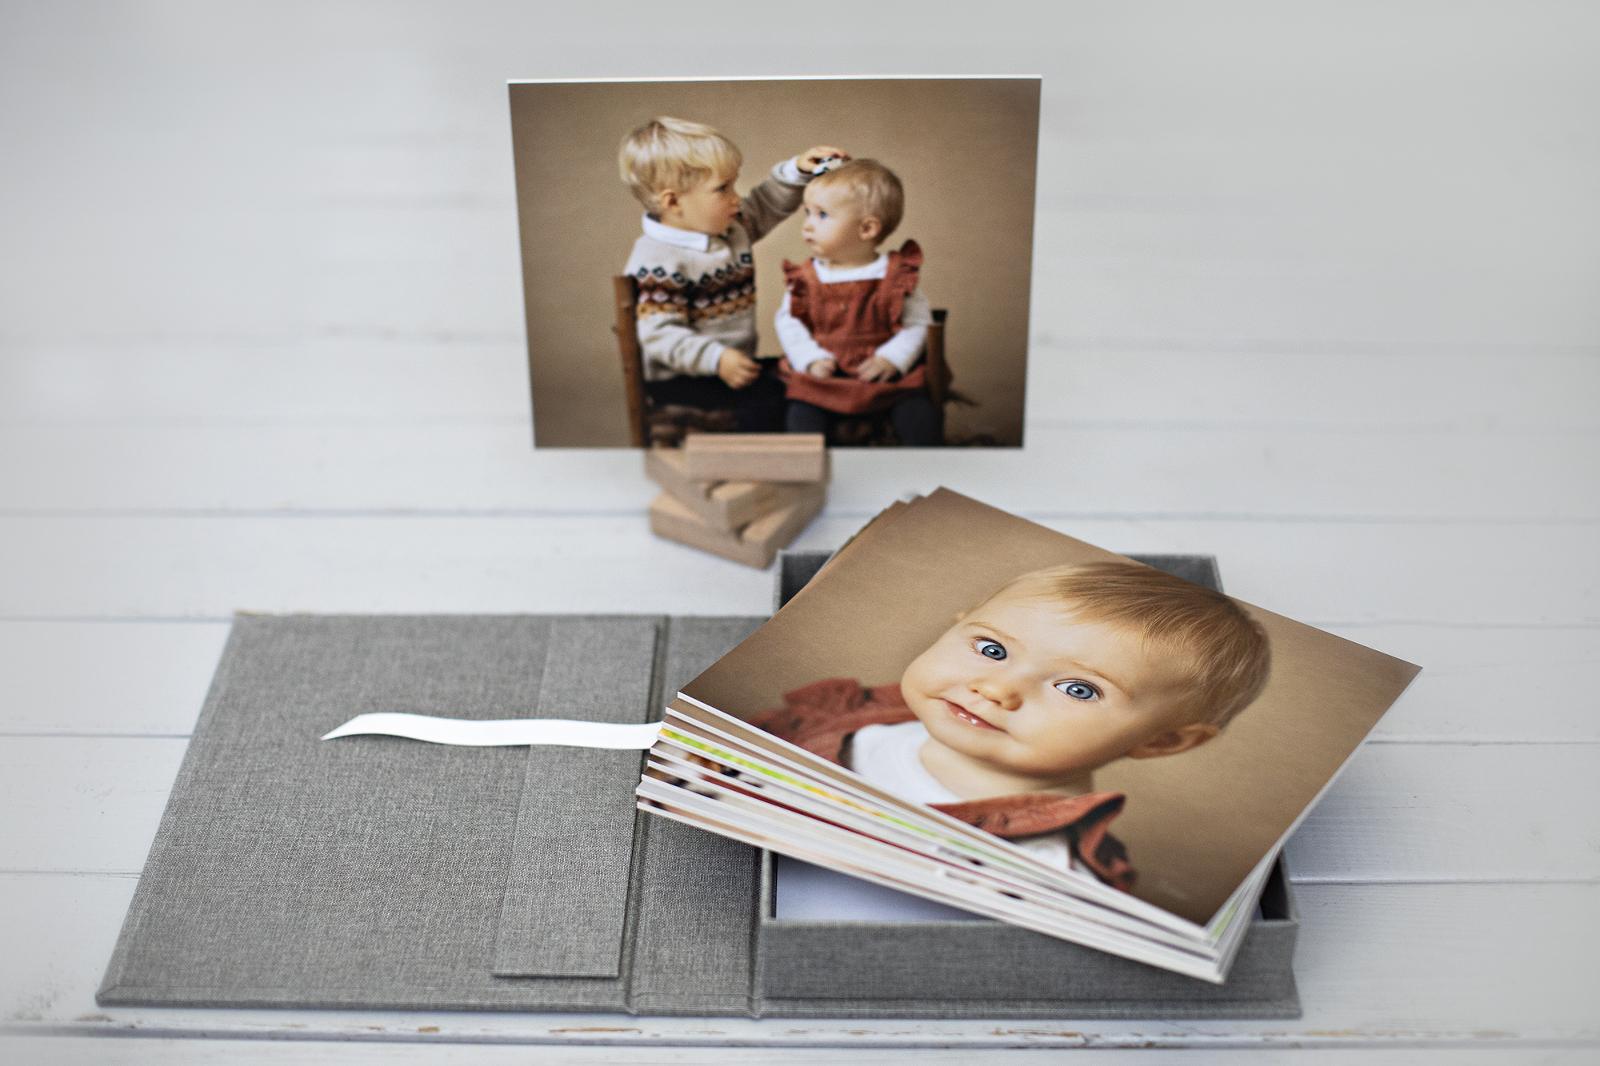 bilder i box, barnfotografering, fotoprodukt, barnporträtt, ramlösa, Fotostudio, fotograf ramlösa, fotograf Helsingborg